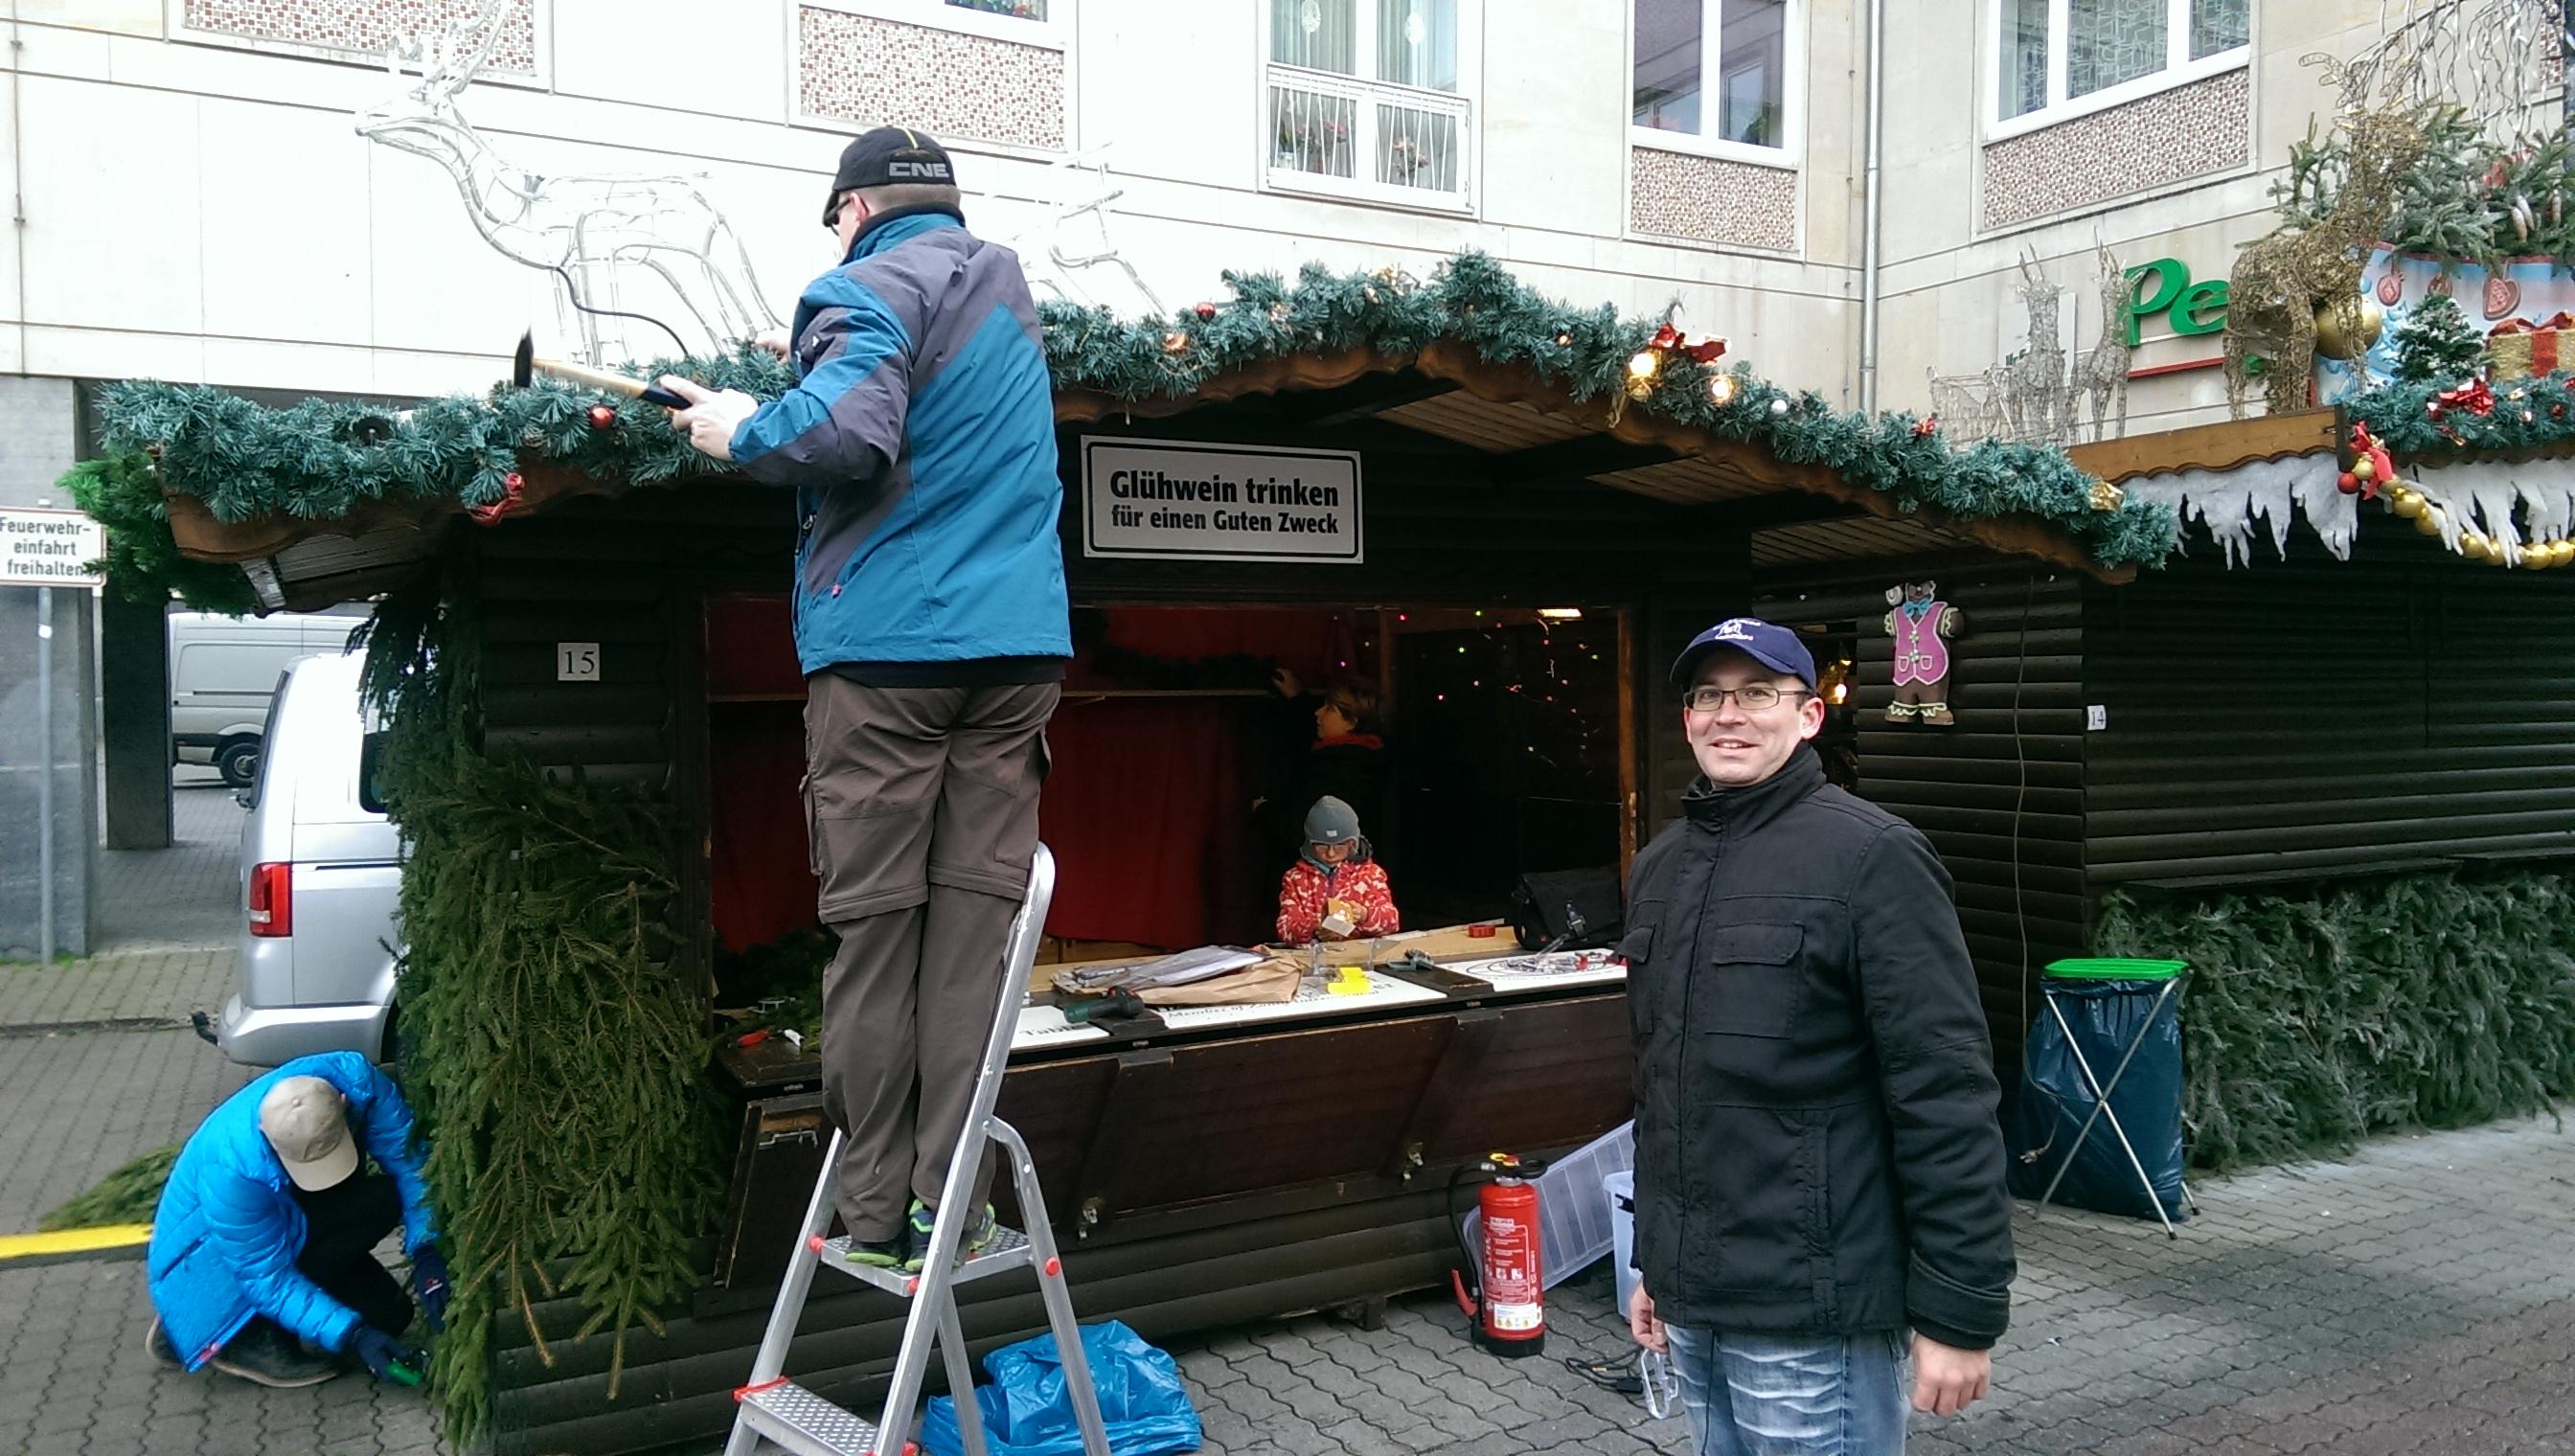 Zonta Club Leipzig Elster Glühweinstand auf dem Leipziger Weihnachtsmarkt im Salzgässchen